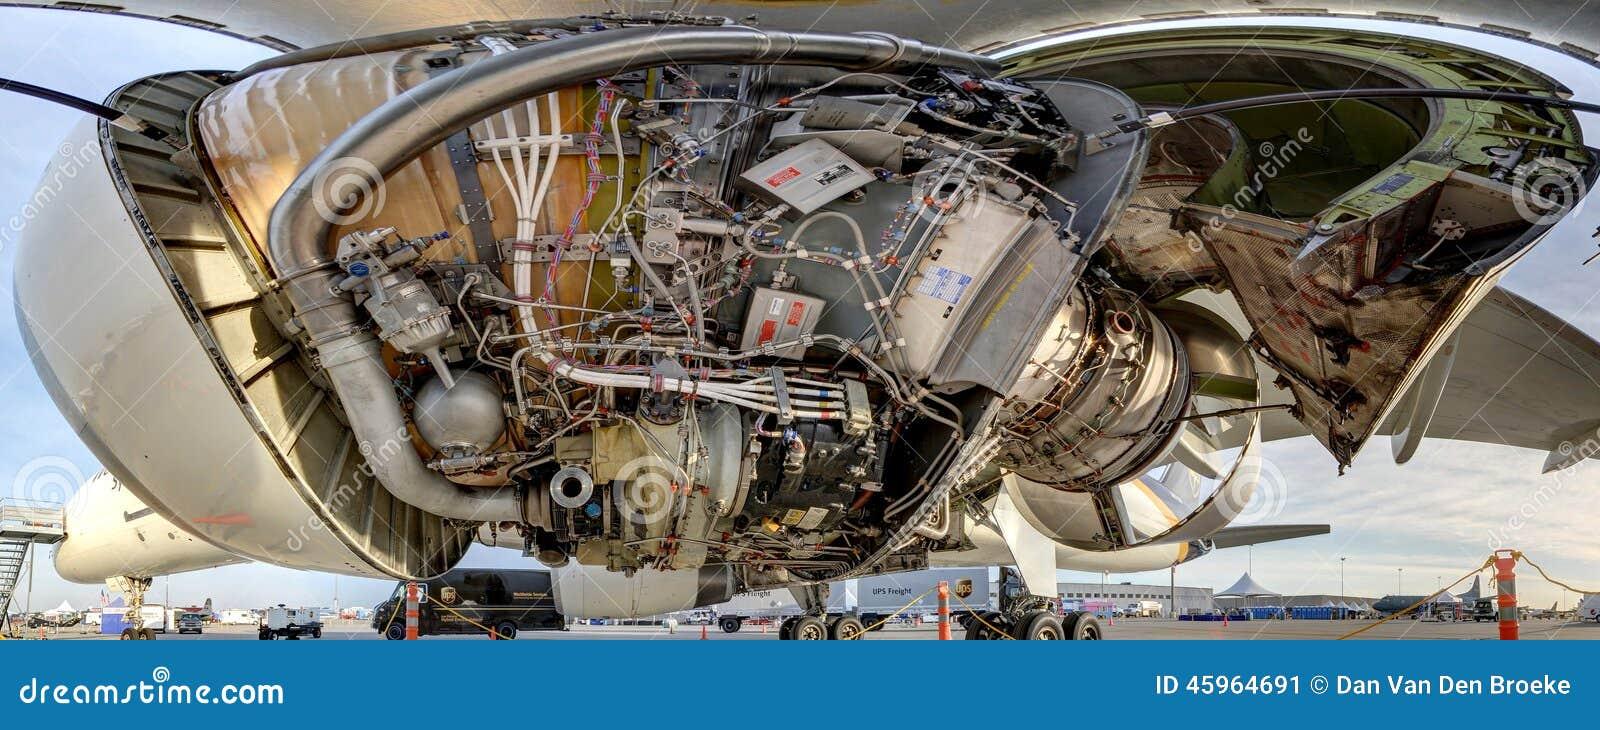 Rolls Royce RB211-535E4 Silnik...